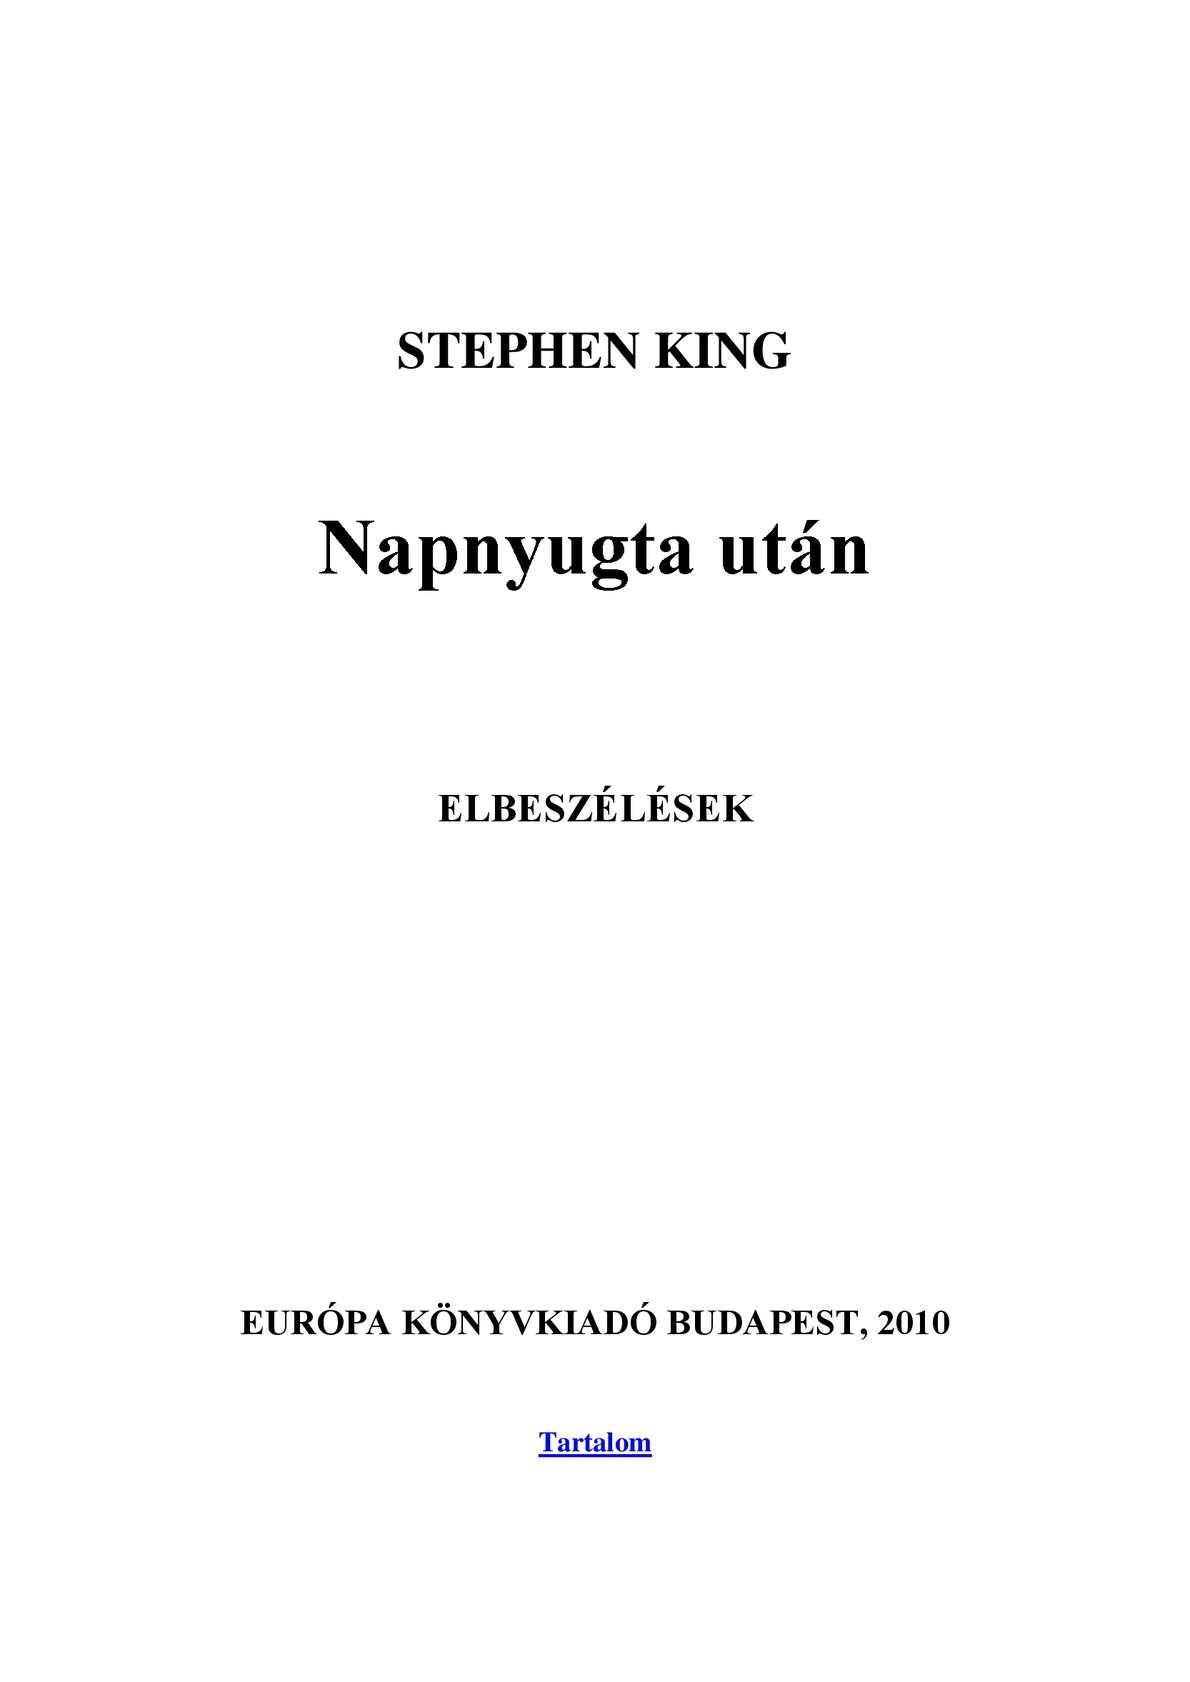 Zsinegek - Kötéstechnika - Szerszám és Barkács Webáruház | smarthabits.hu